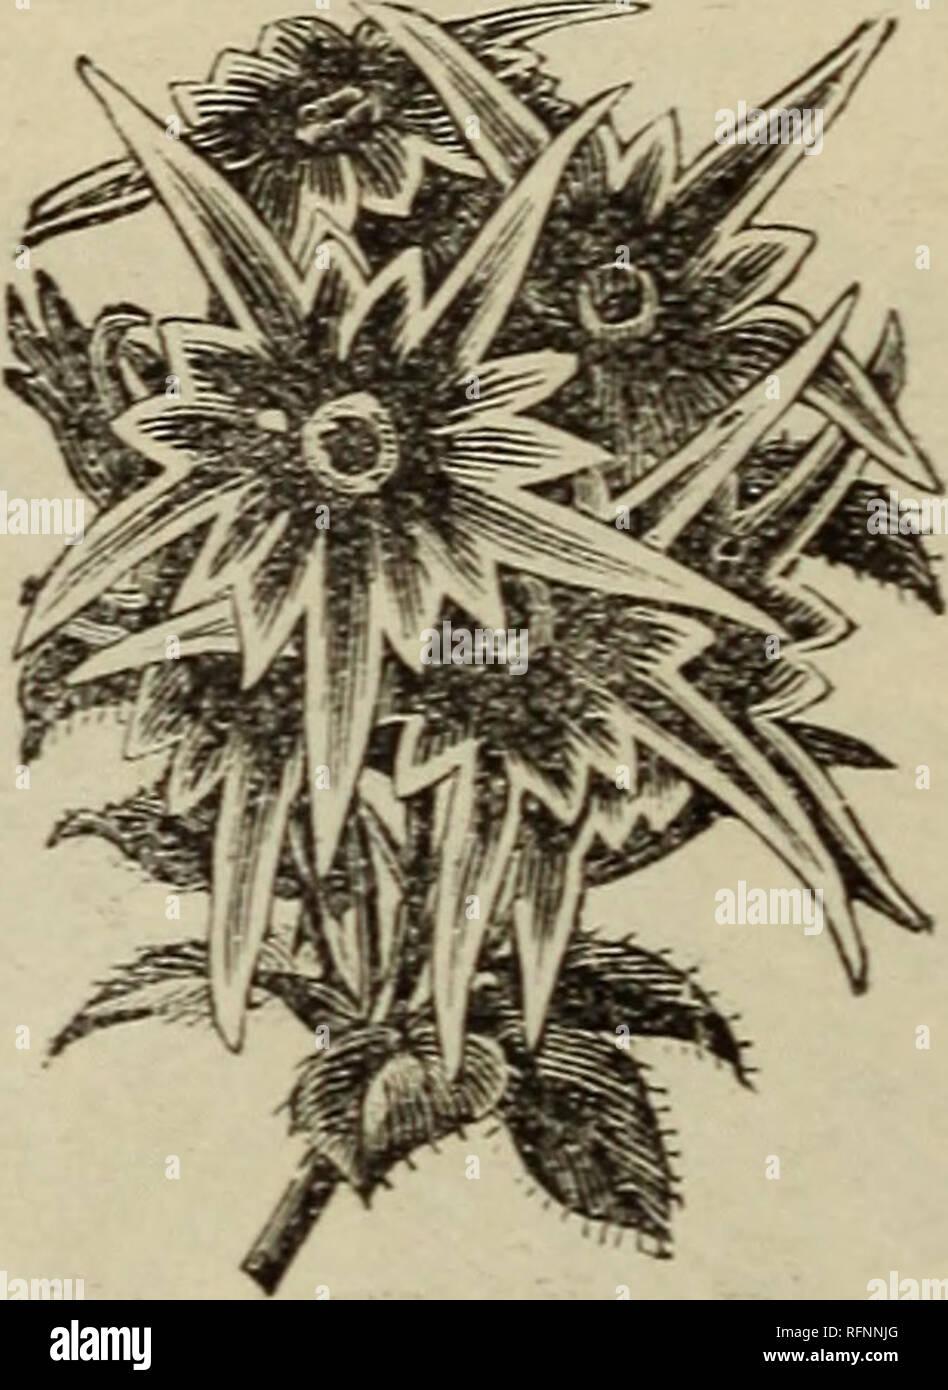 Lieblings Der Katalog für 1896 von North Western gewachsen getestet Samen &RC_28